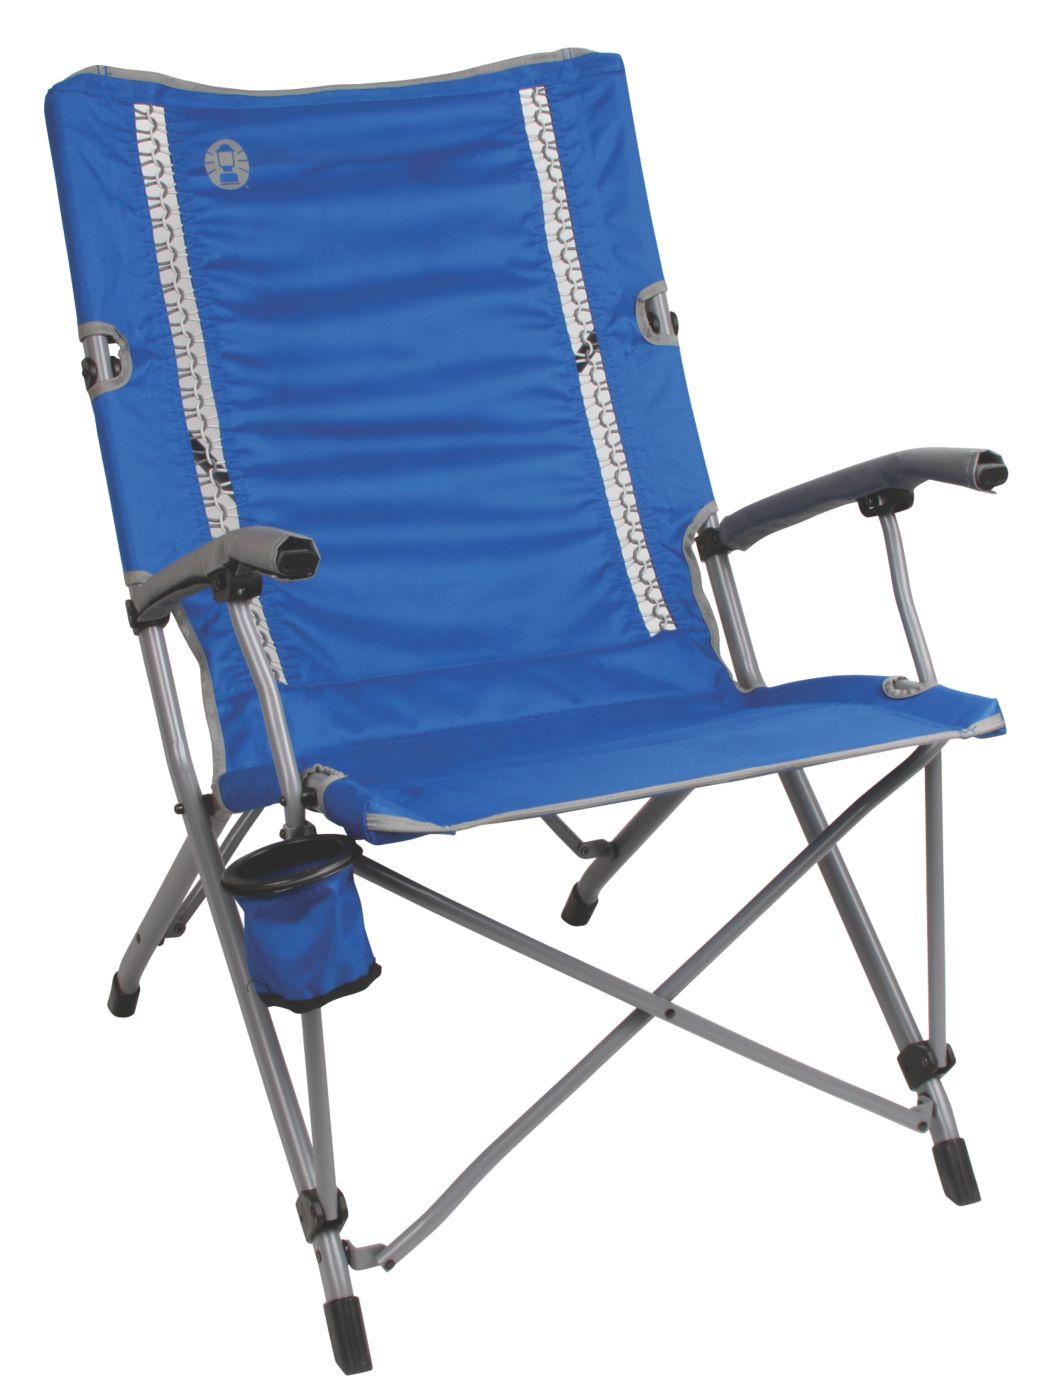 Merveilleux Comfortsmart™ InterLock Suspension Chair